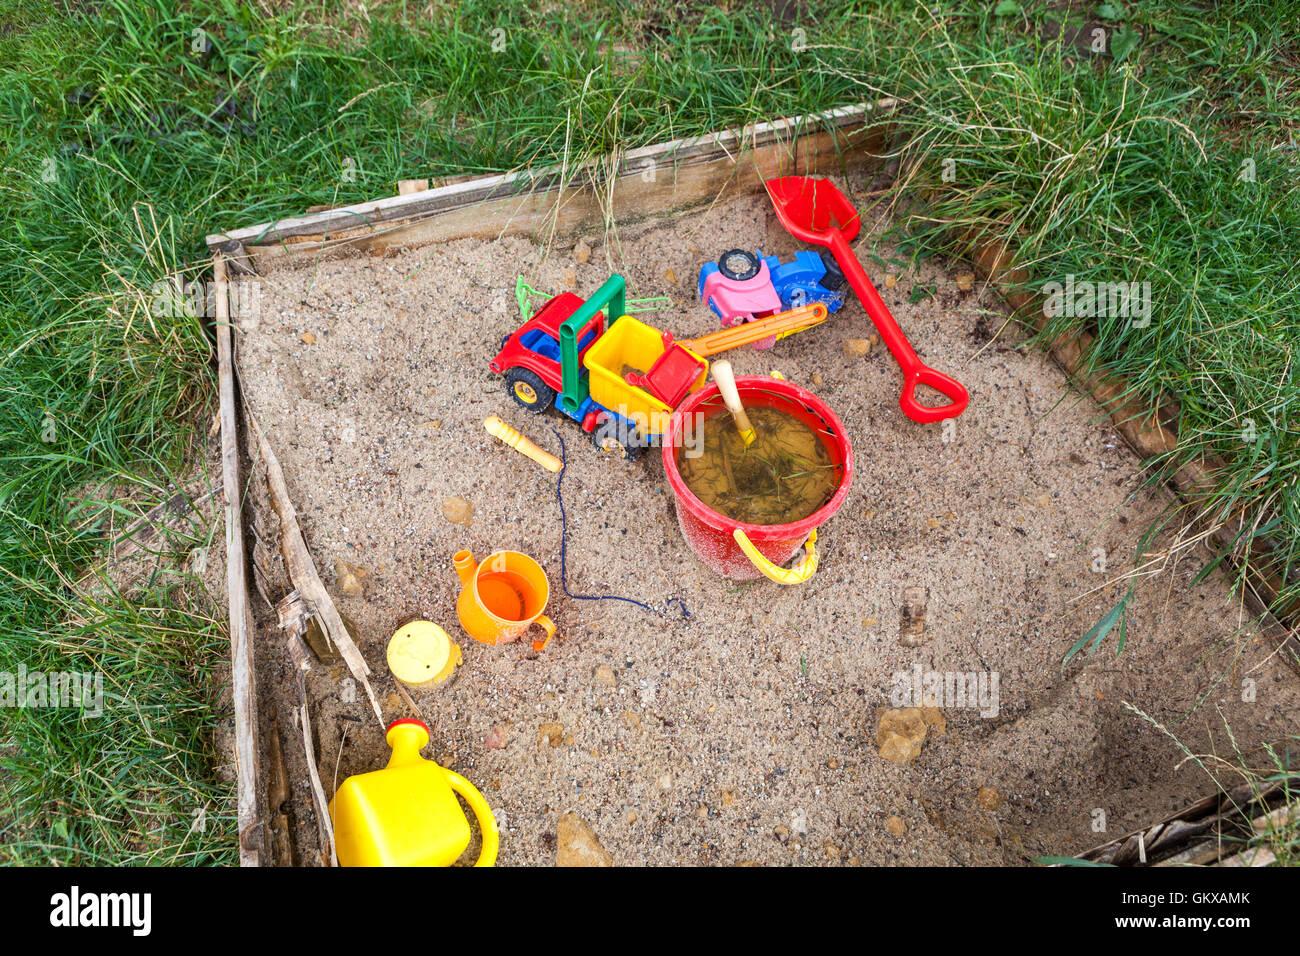 jeux pour enfants jouets dans un bac sable banque d. Black Bedroom Furniture Sets. Home Design Ideas